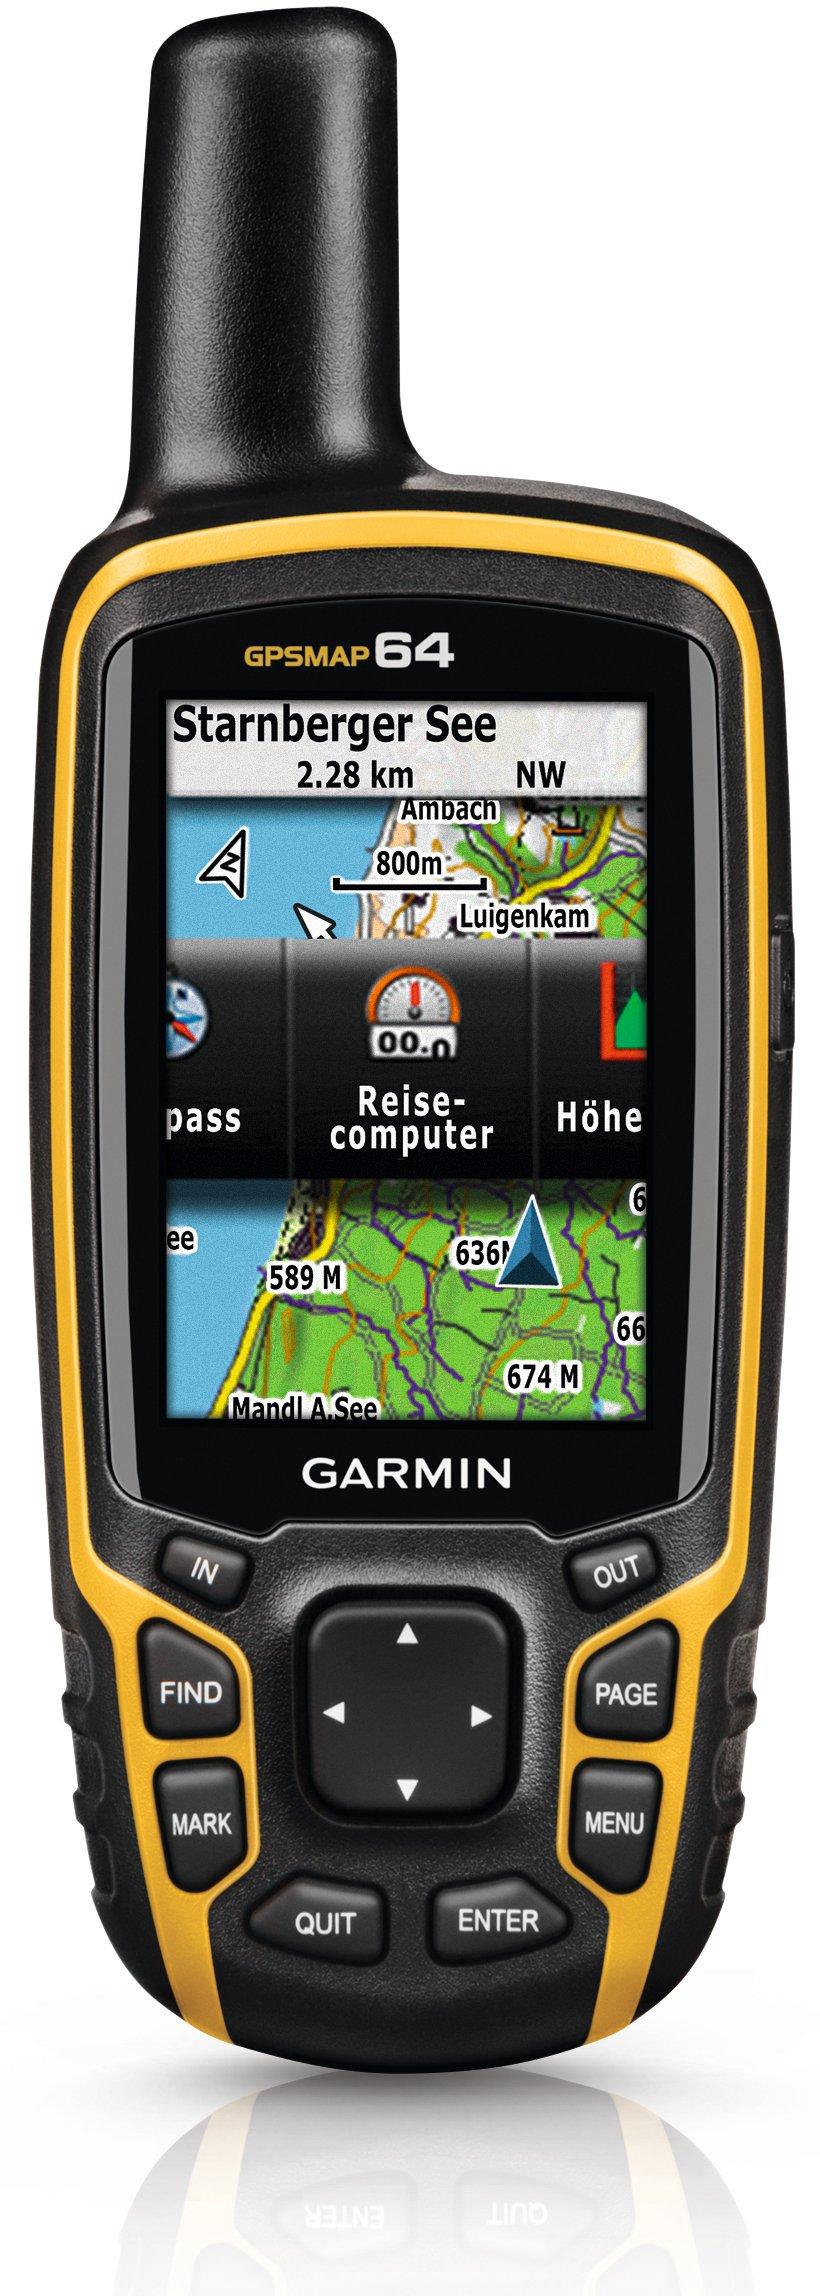 Garmin GPSMAP 64 Handheld Navigator 2